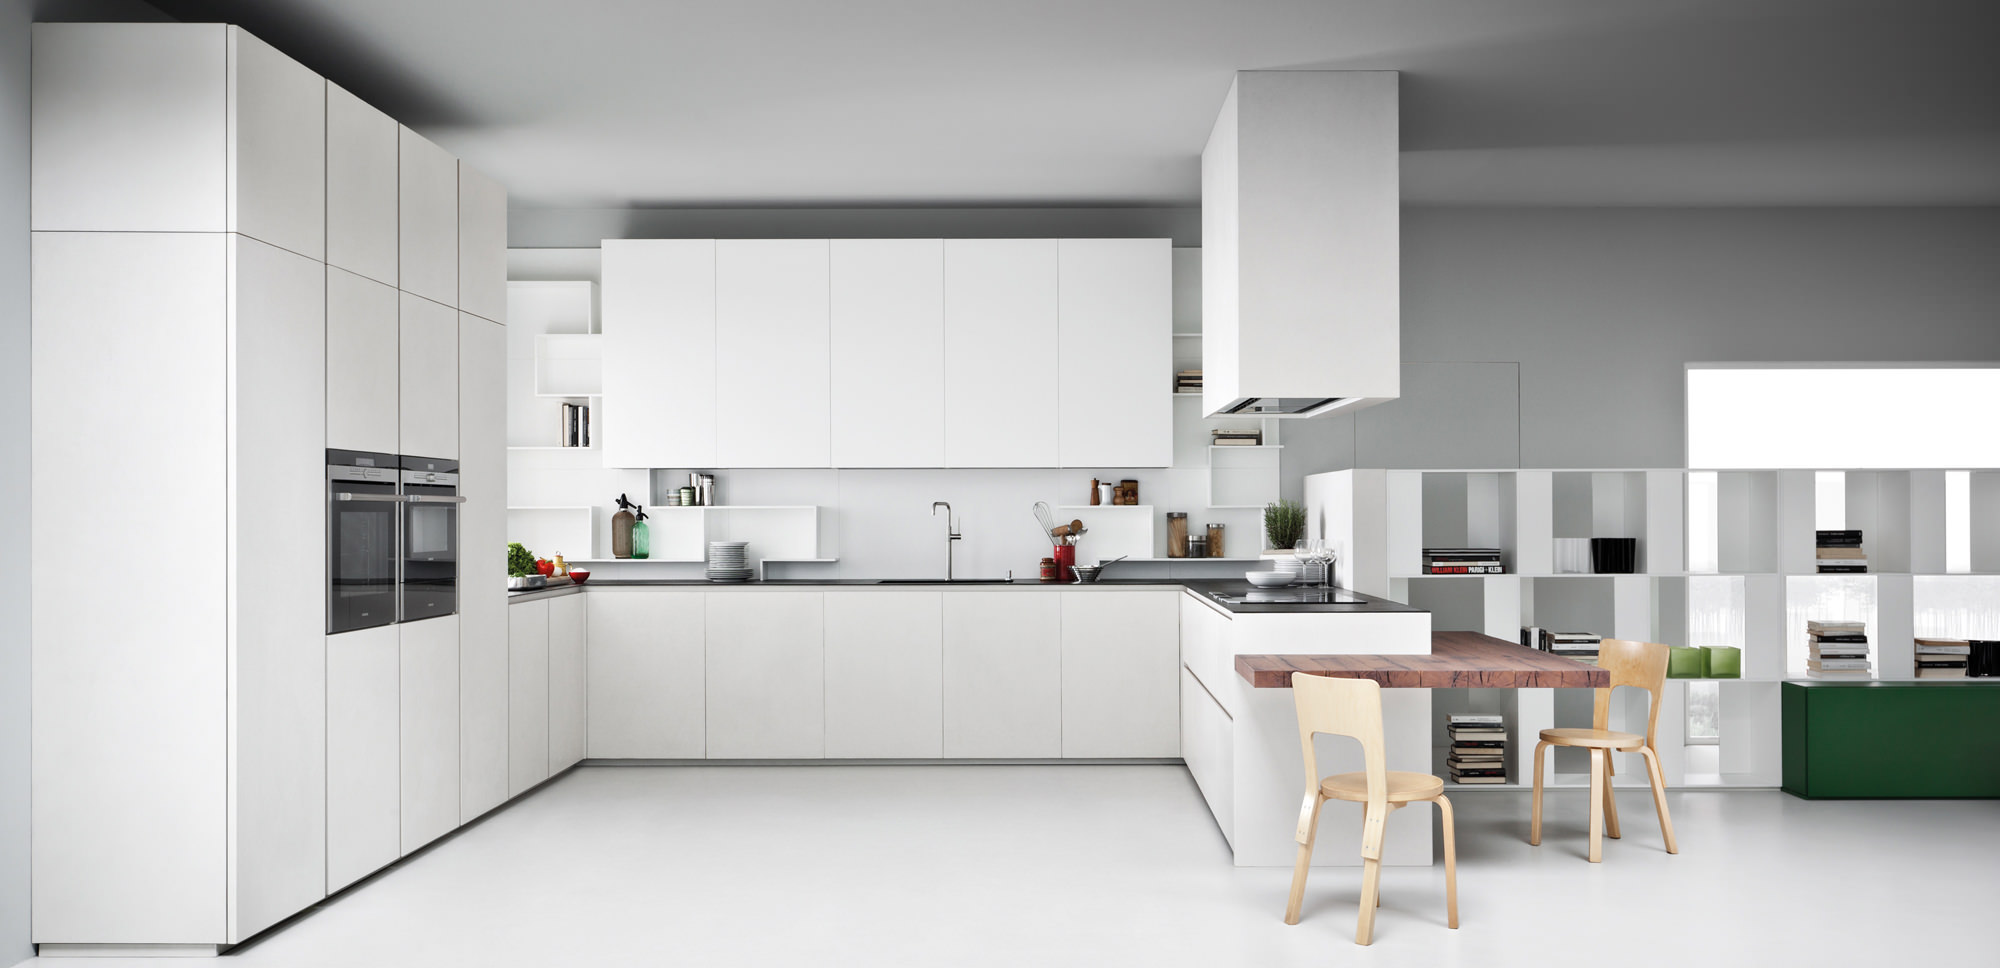 Arredare la cucina: quale stile scegliere | Arredobene